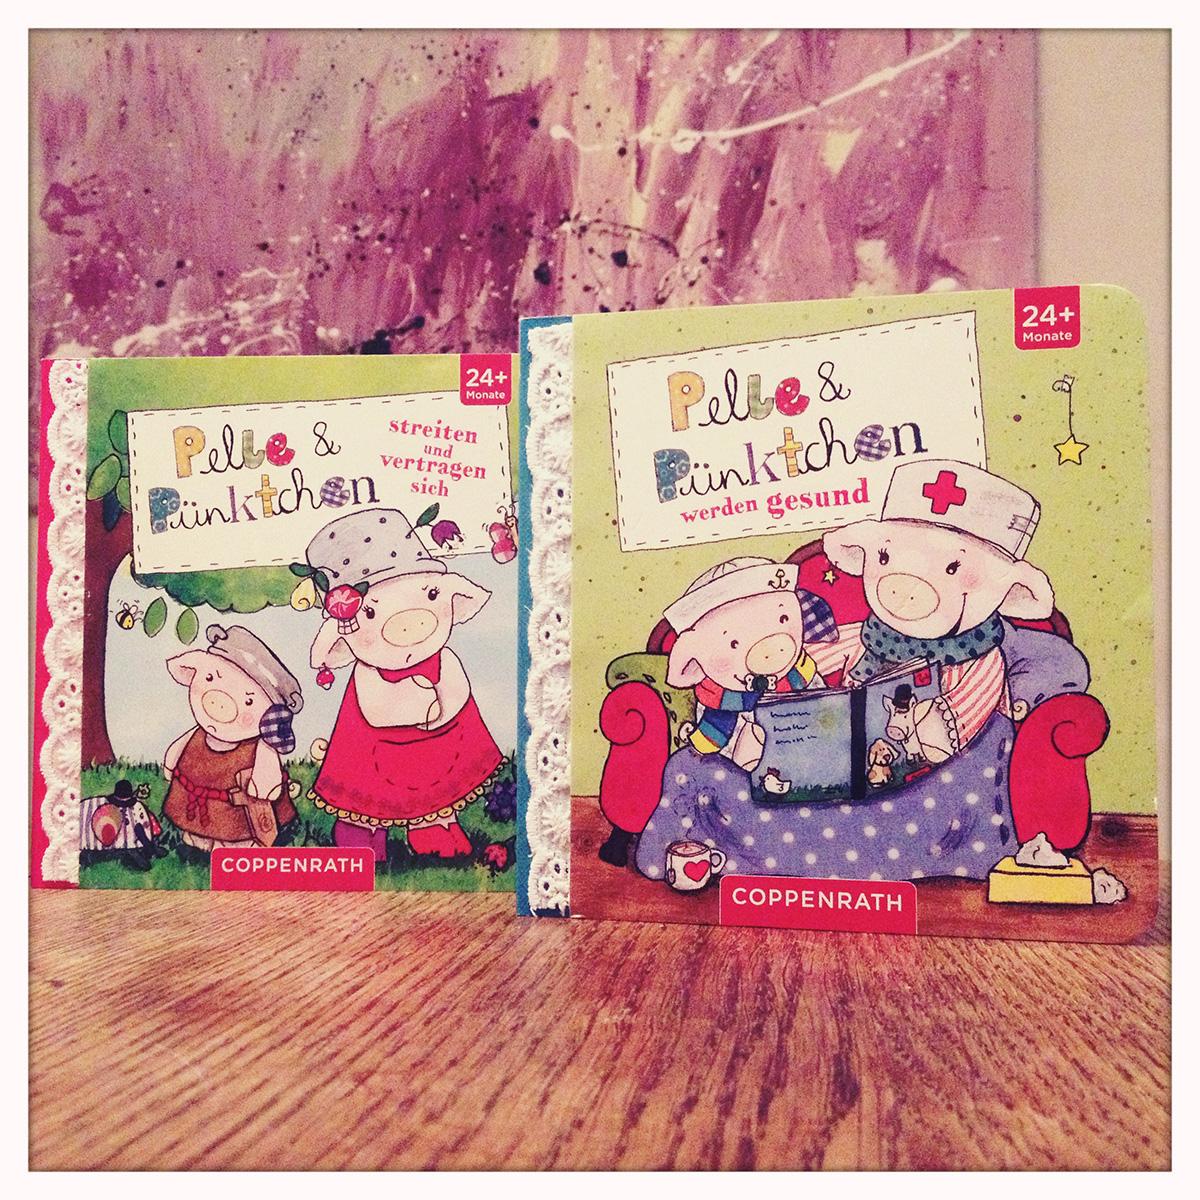 Pelle_und_Pünktchen_neue_Bücher_Foto.JPG